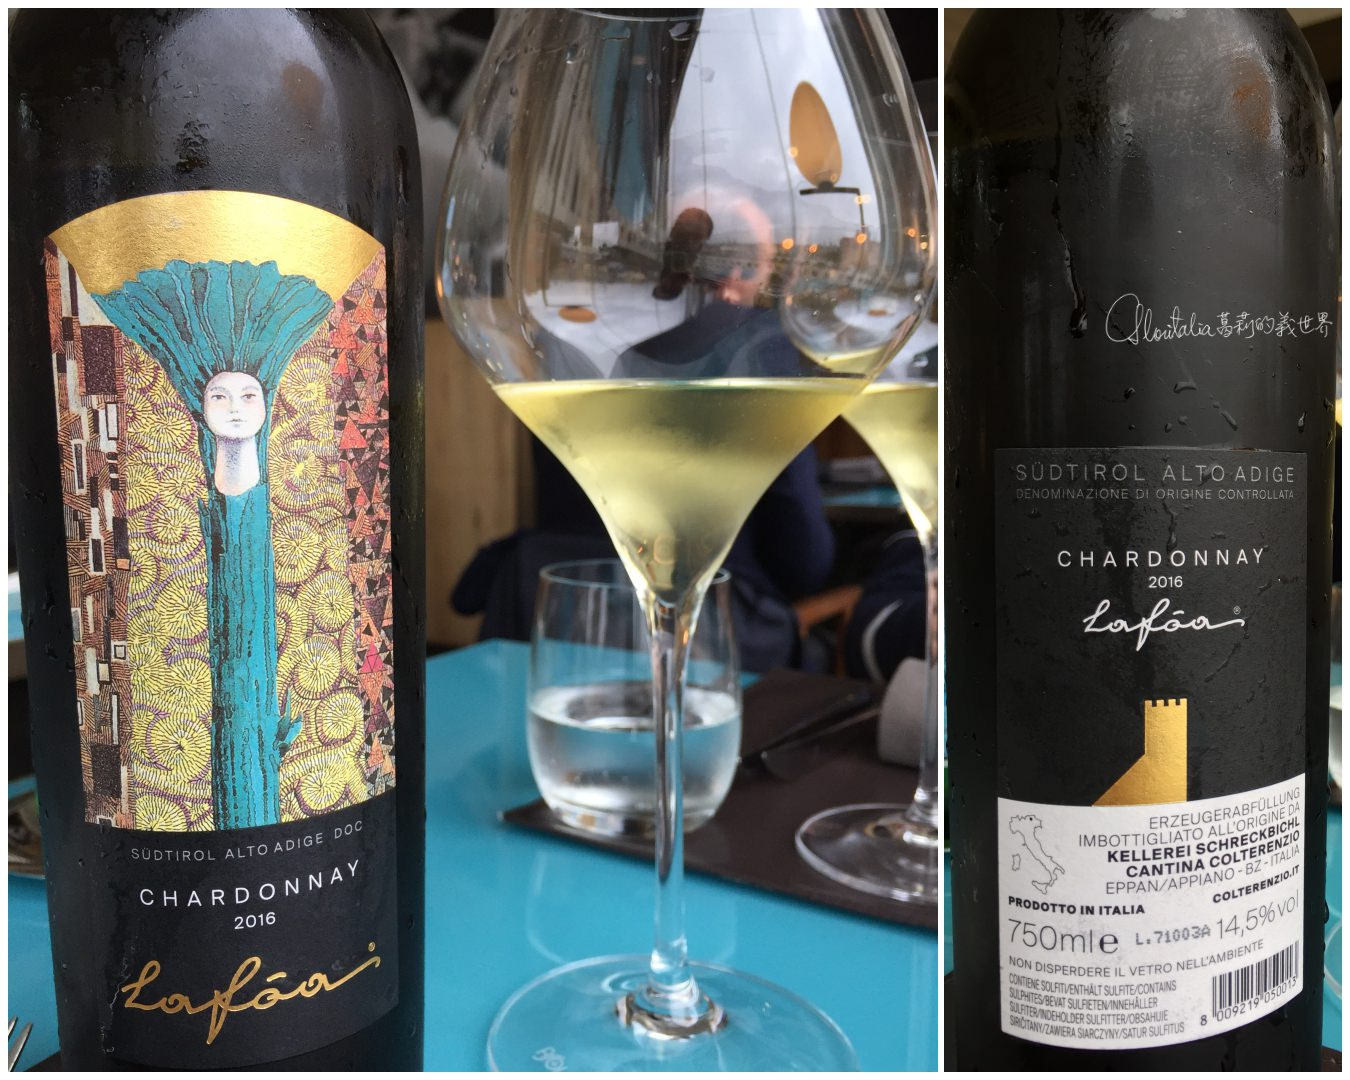 Chardonnay-Lafóa-2016